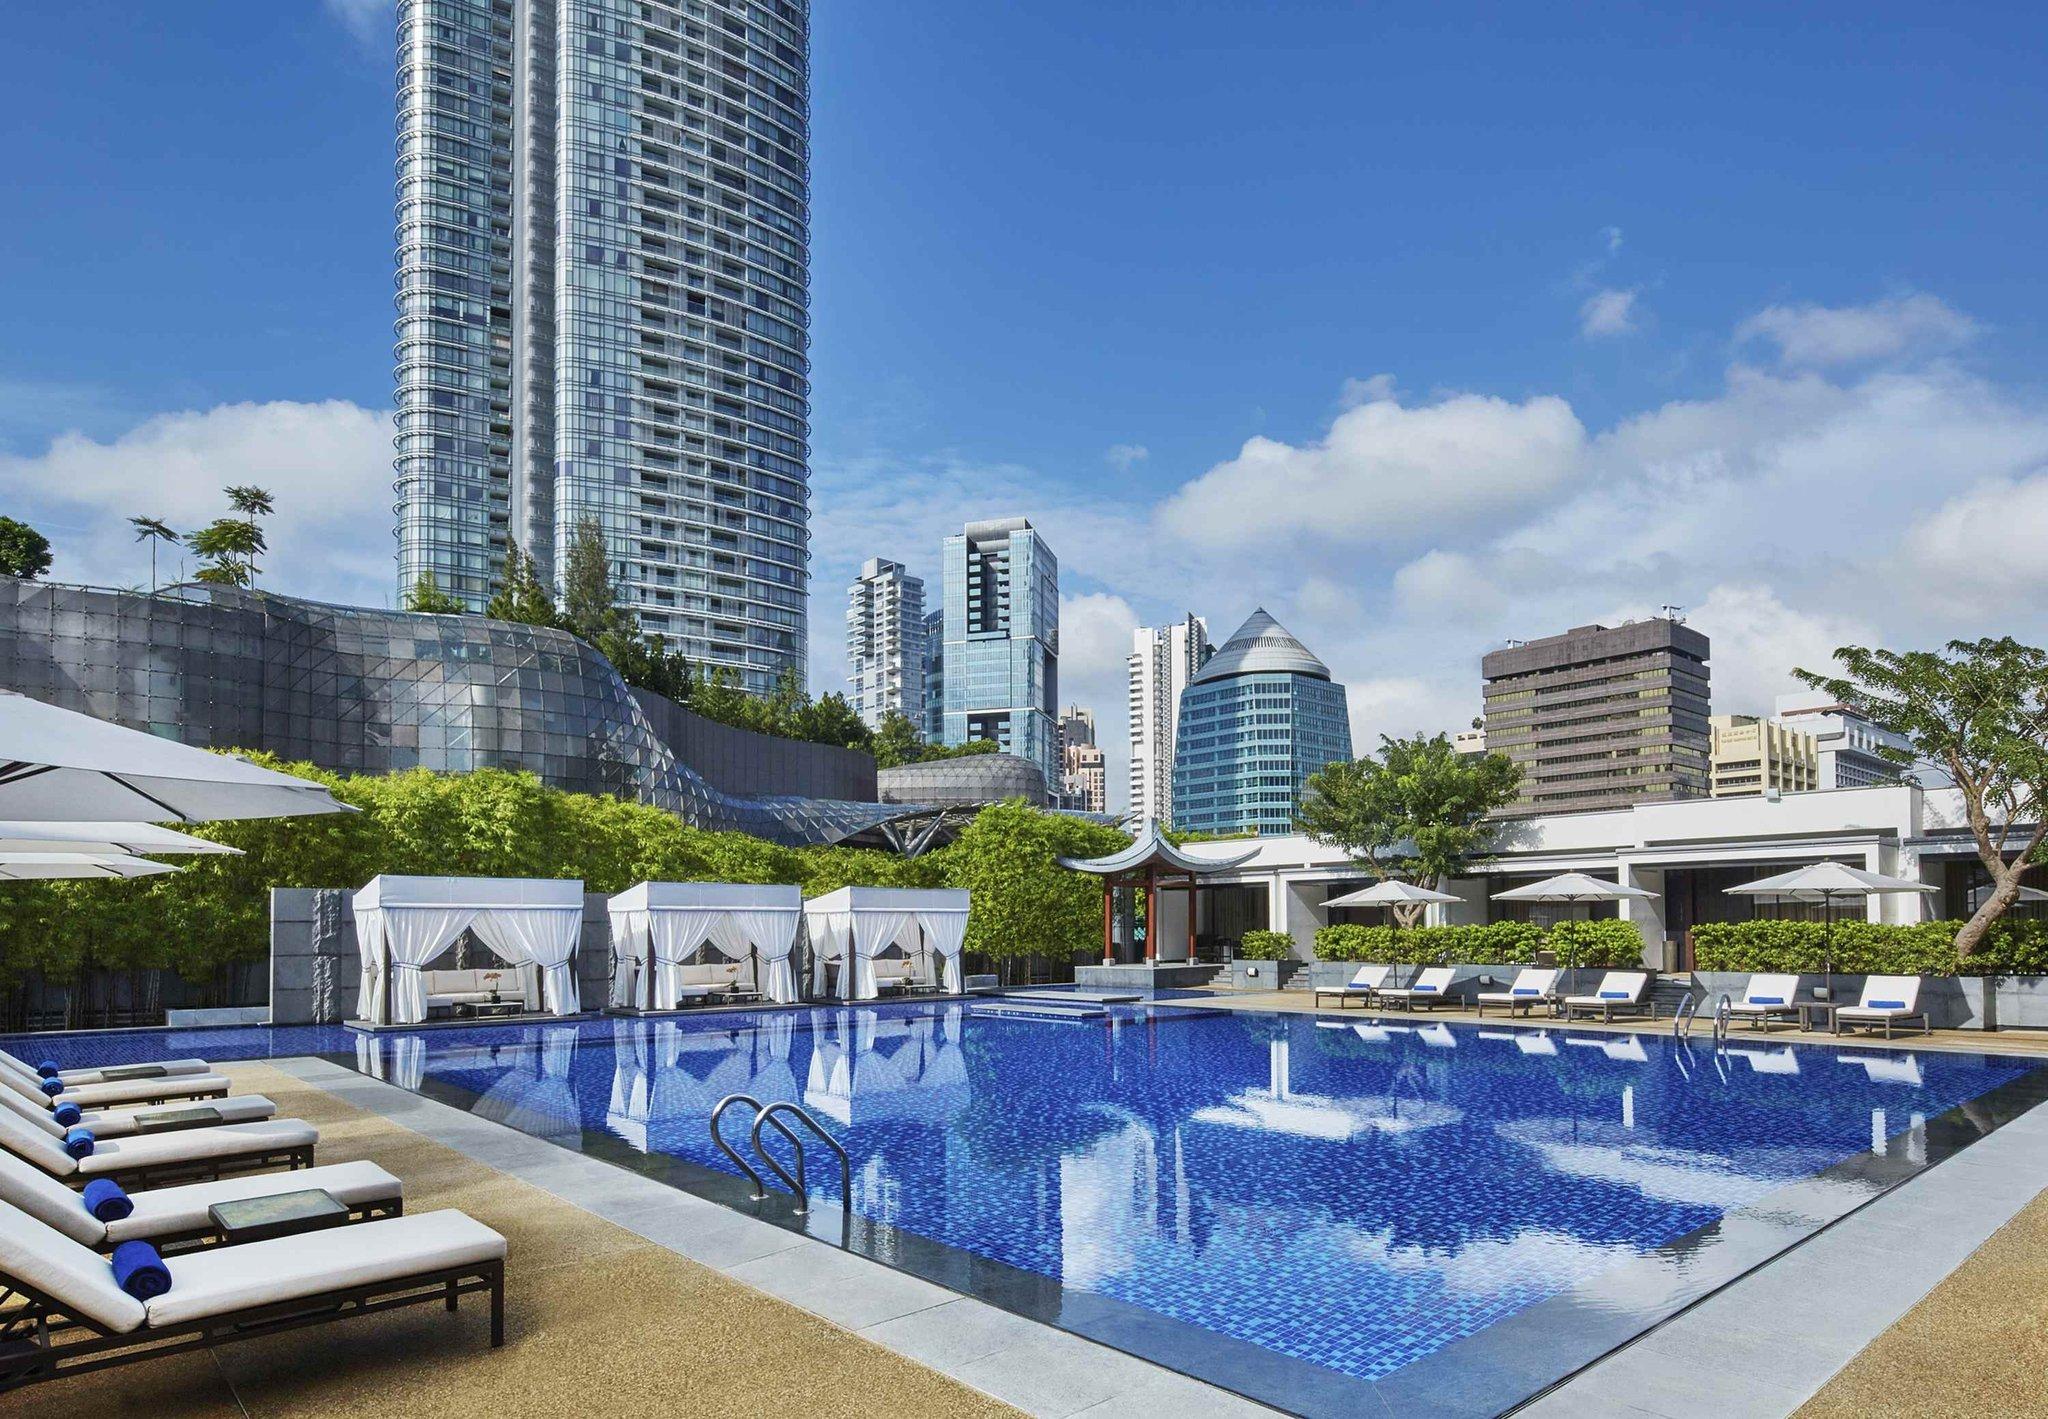 싱가포르 메리어트 호텔